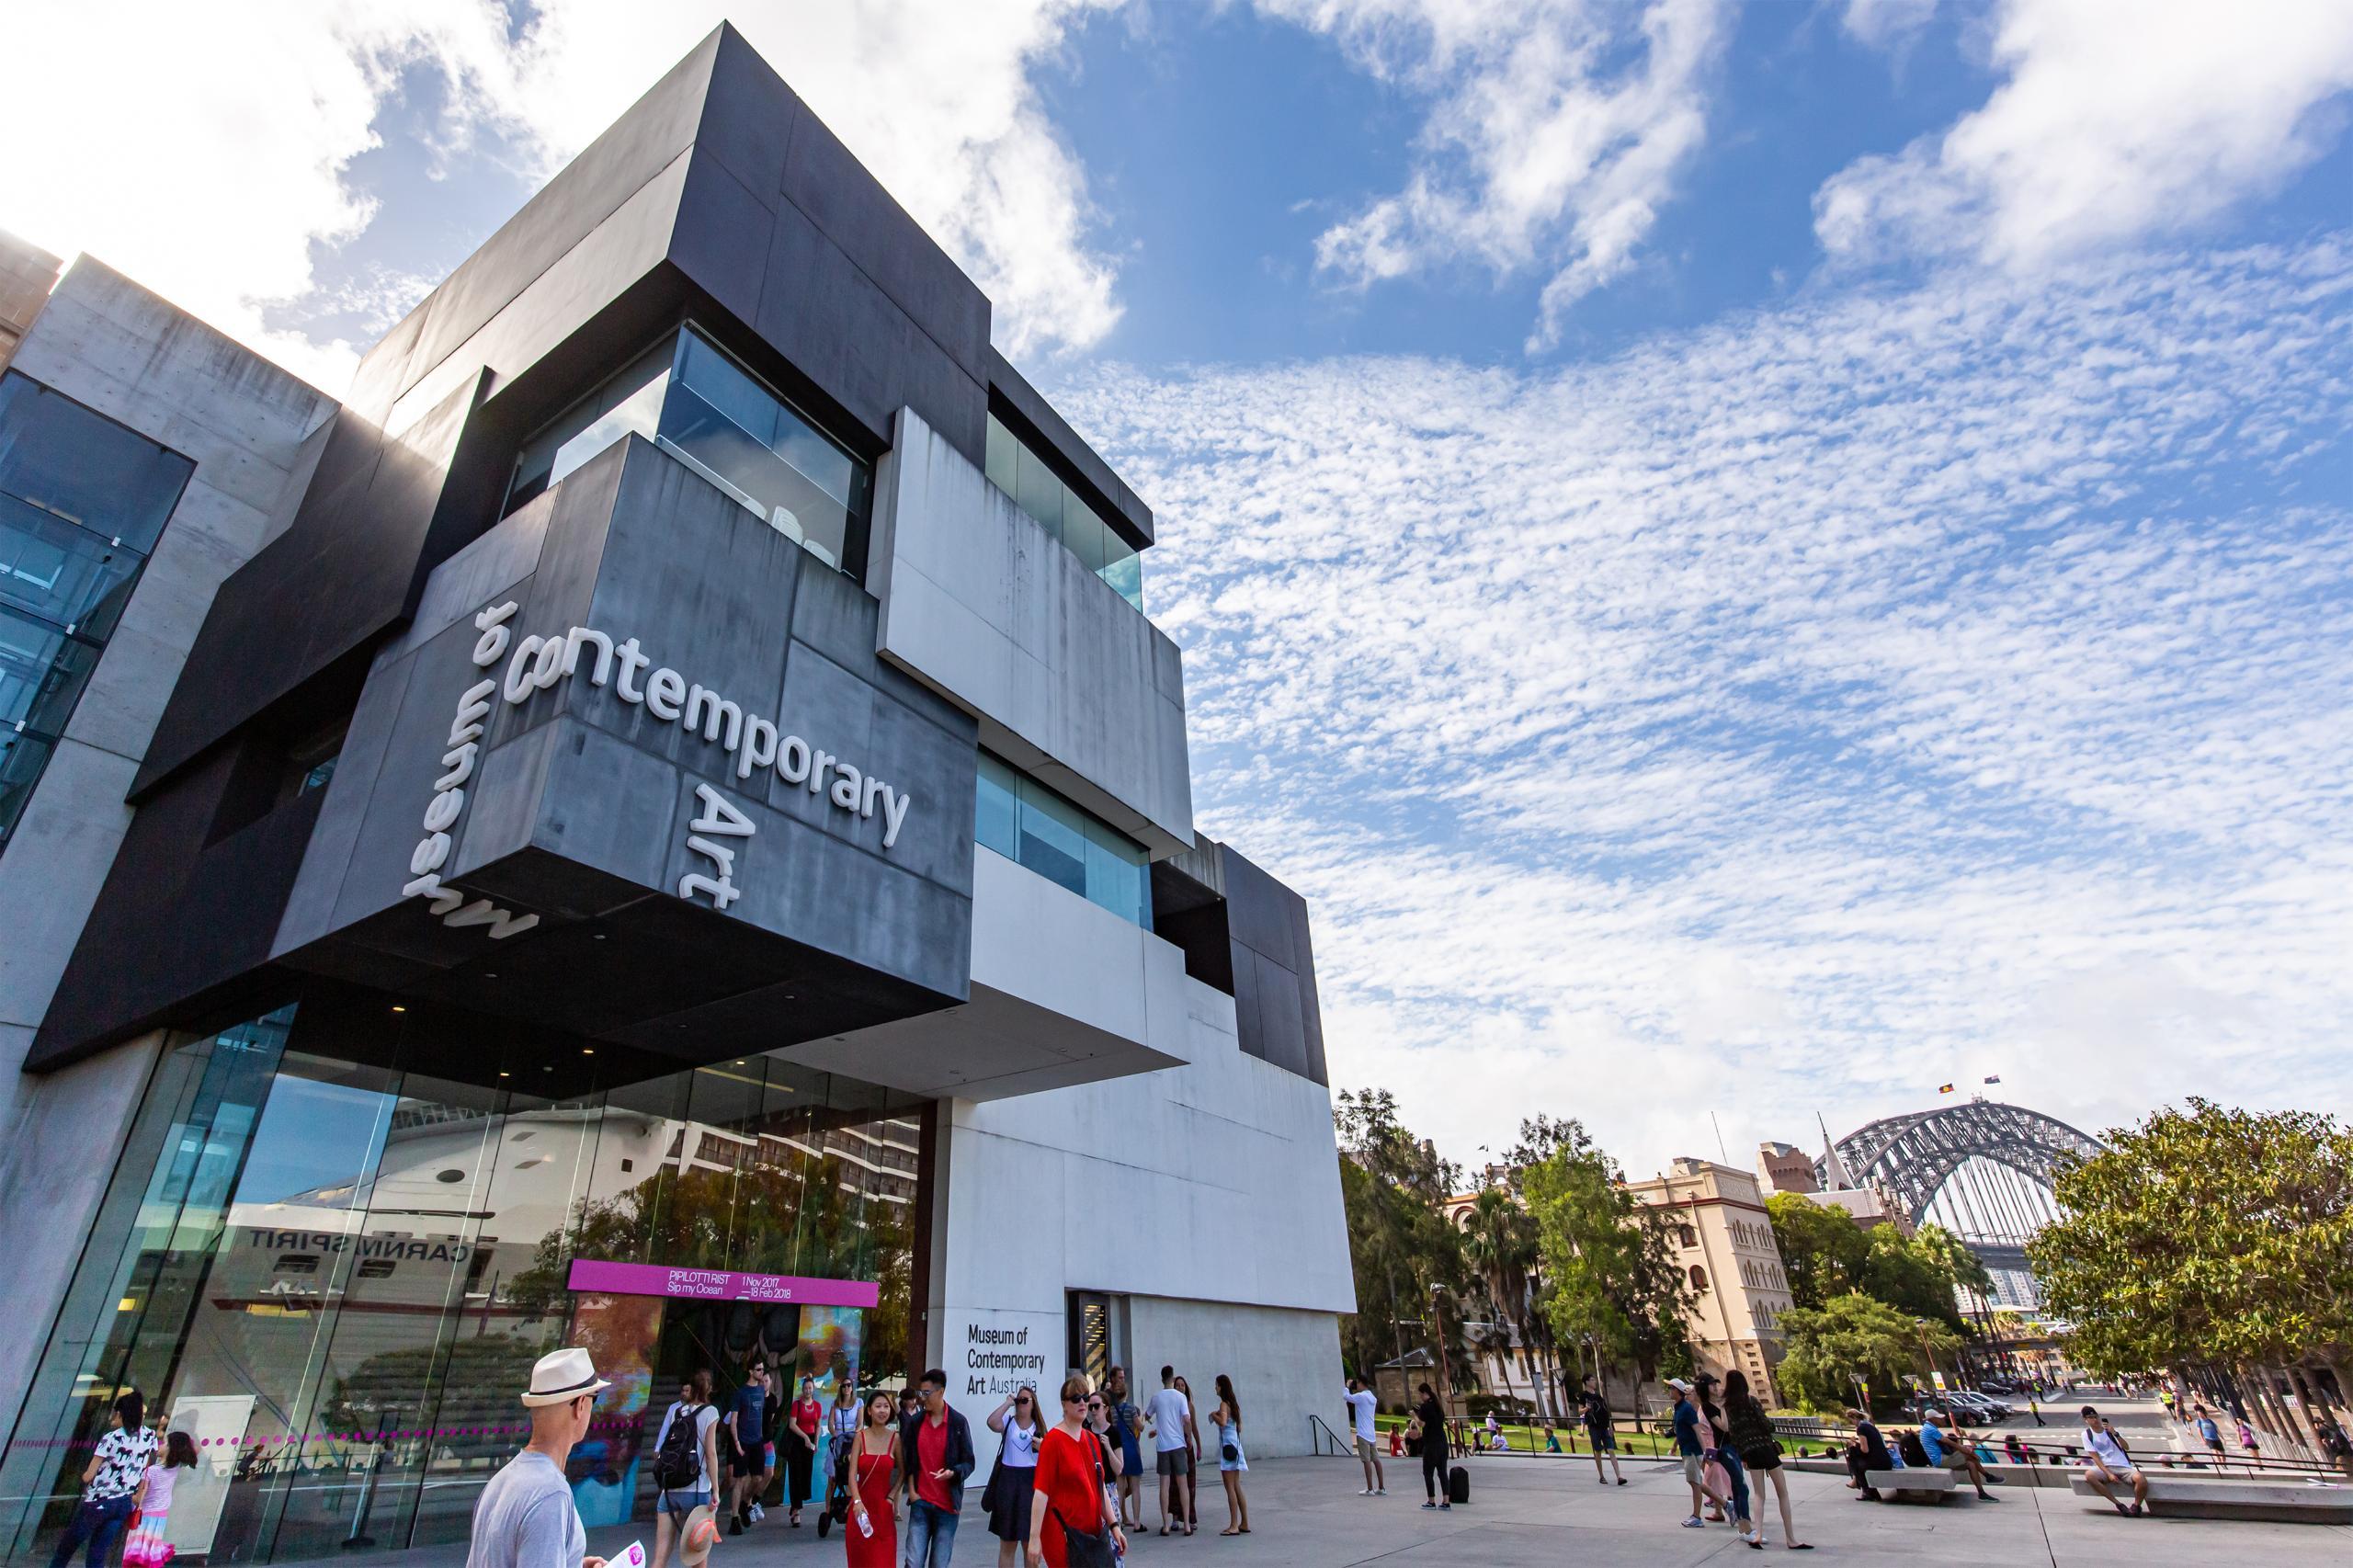 シドニーの美術館 オーストラリア現代美術館